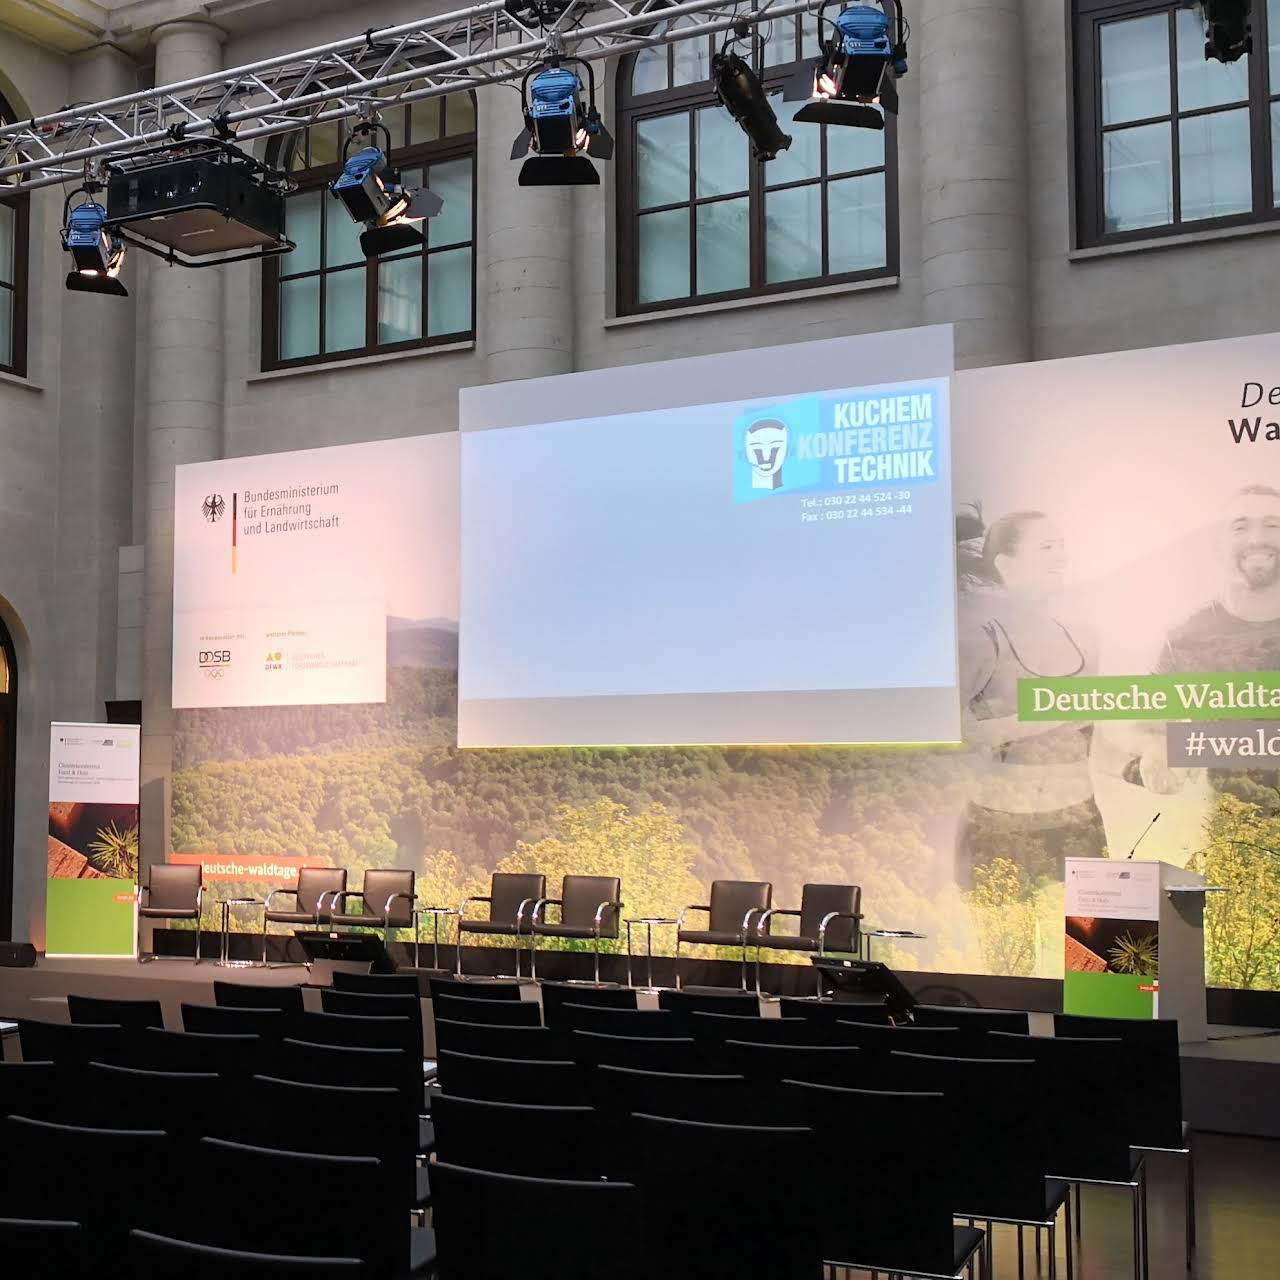 Kuchem Konferenz Technik Veranstaltungstechnik Dienstleistung In